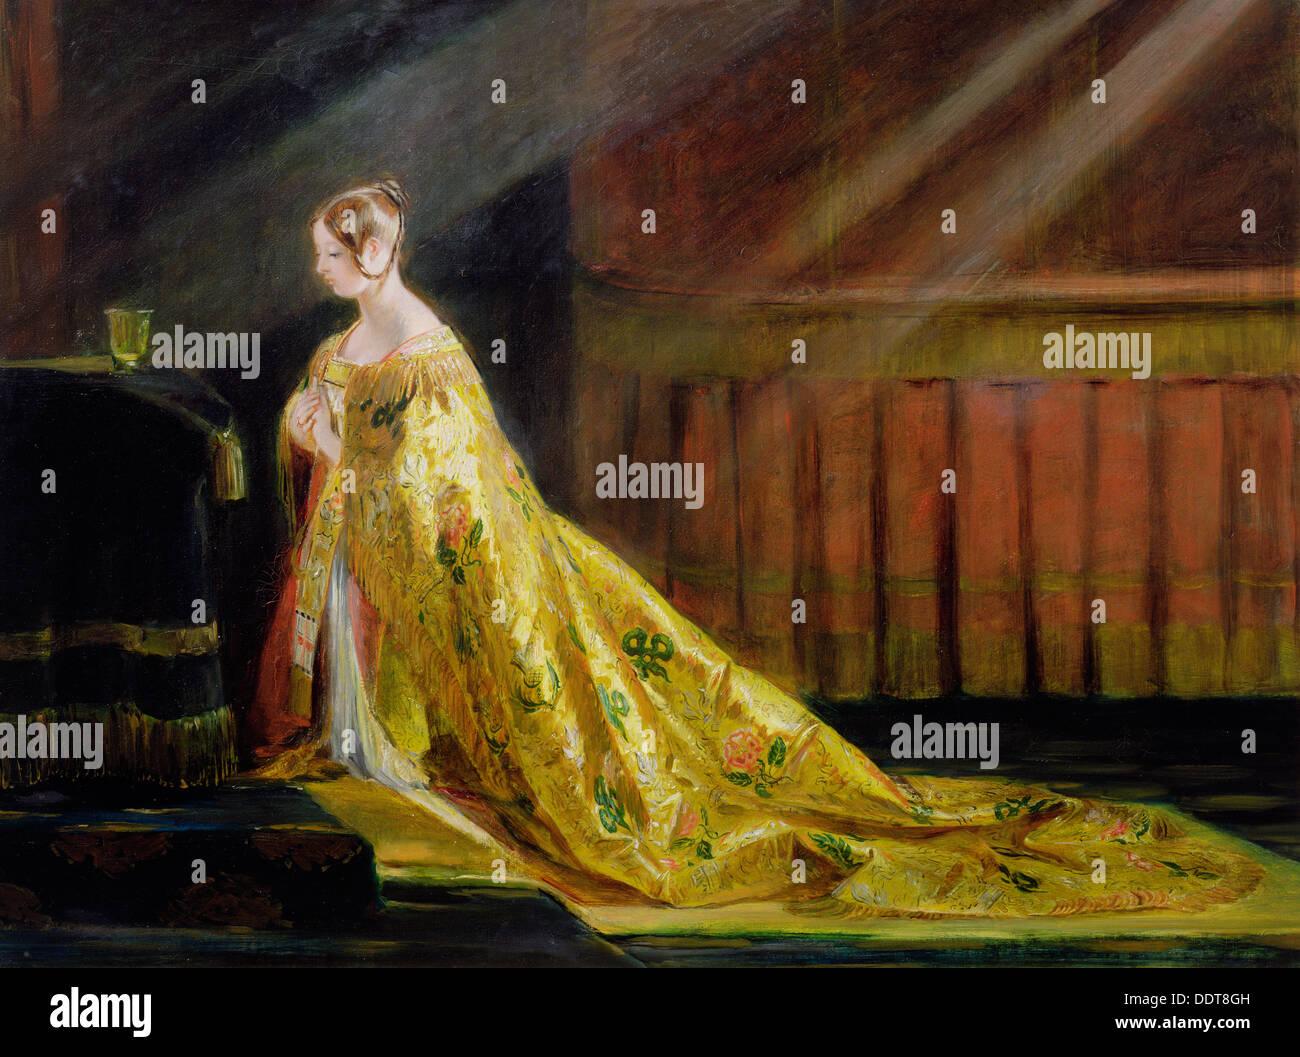 'Queen Victoria in her Coronation Robe', 1838. Artist: Charles Robert Leslie Stock Photo